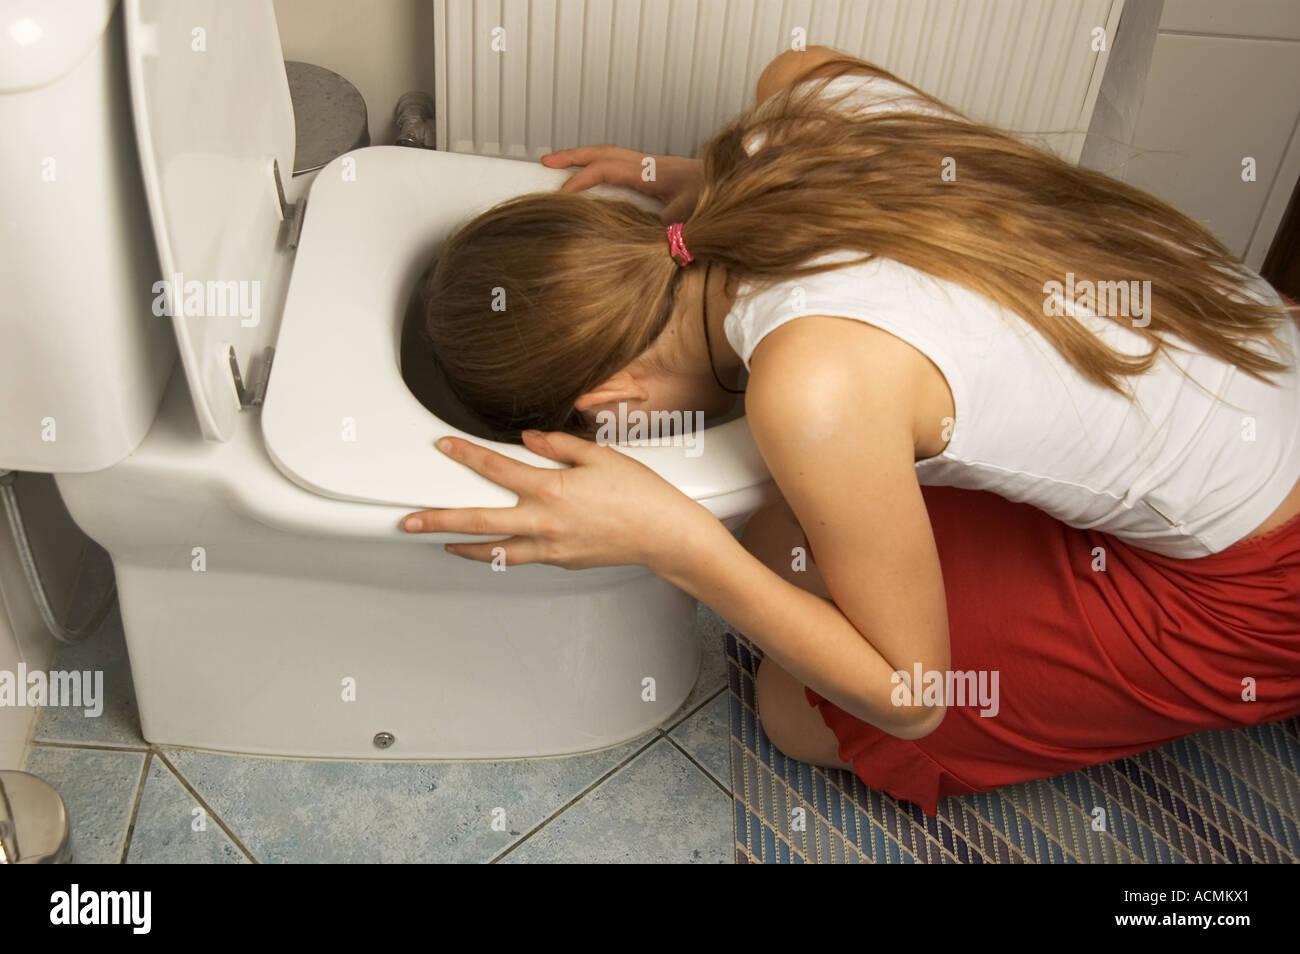 Смотреть пьяную азиатку ебут в туалете, Ебет пьяную азиатку в туалете смотреть онлайн на 15 фотография